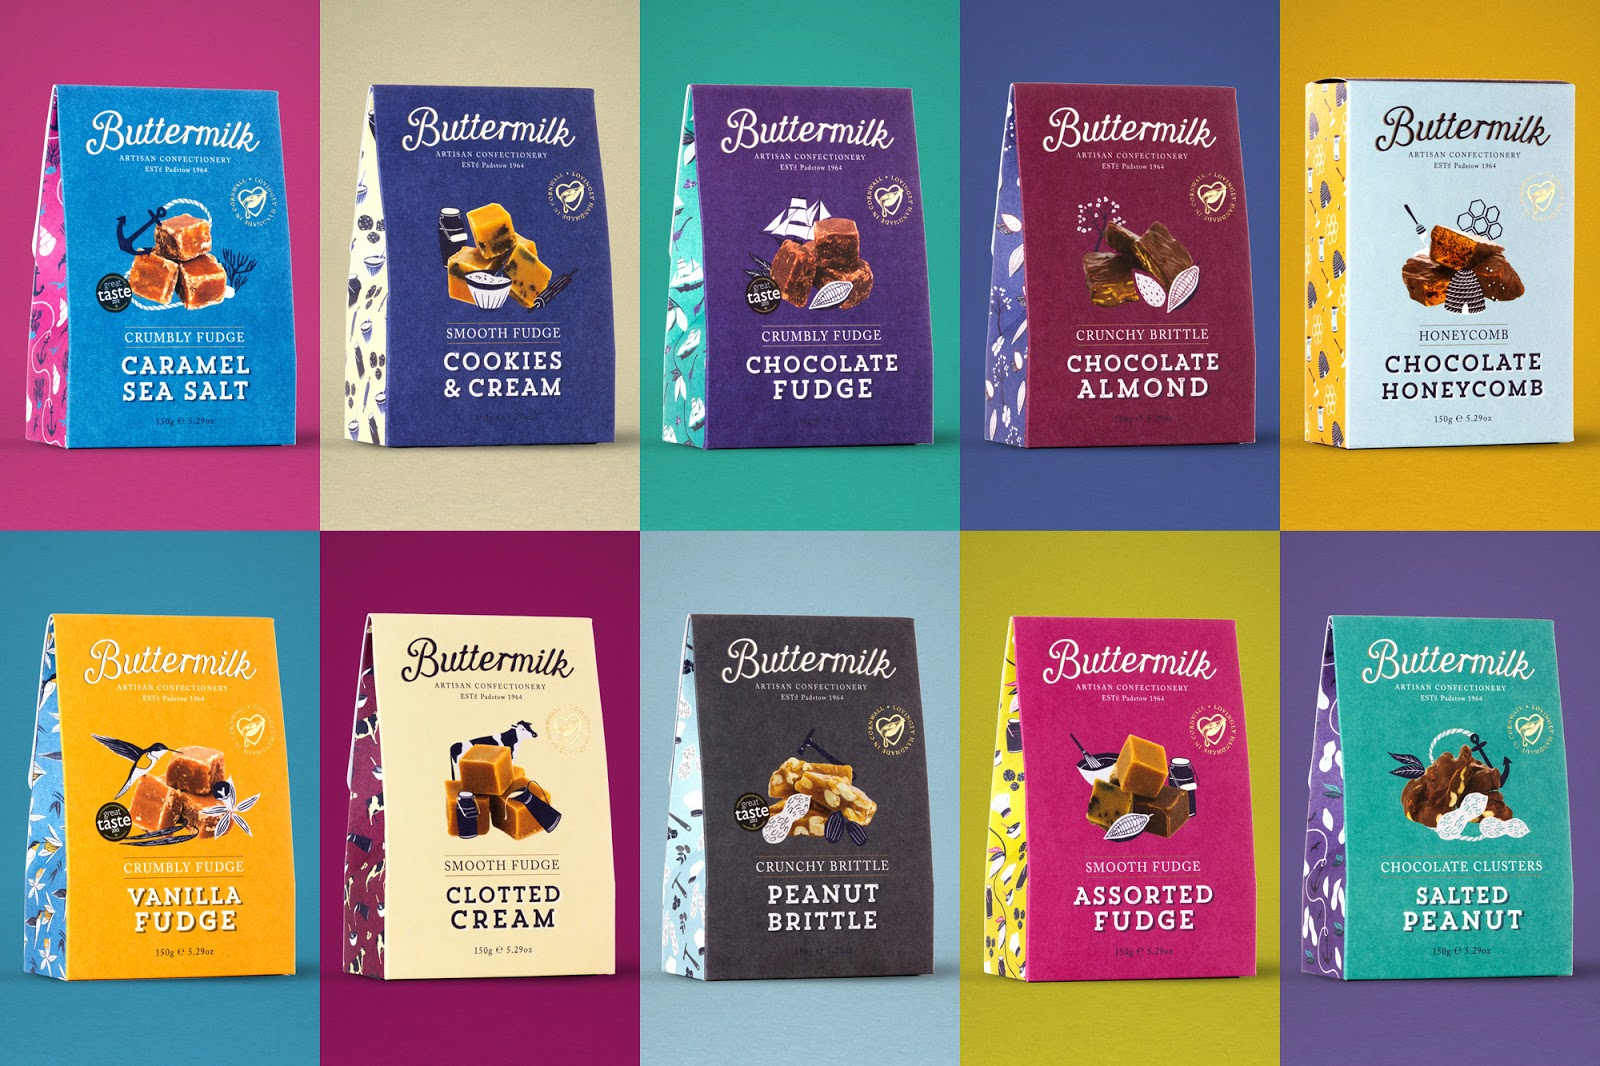 rgb.vn_buttermilk-packaging_05